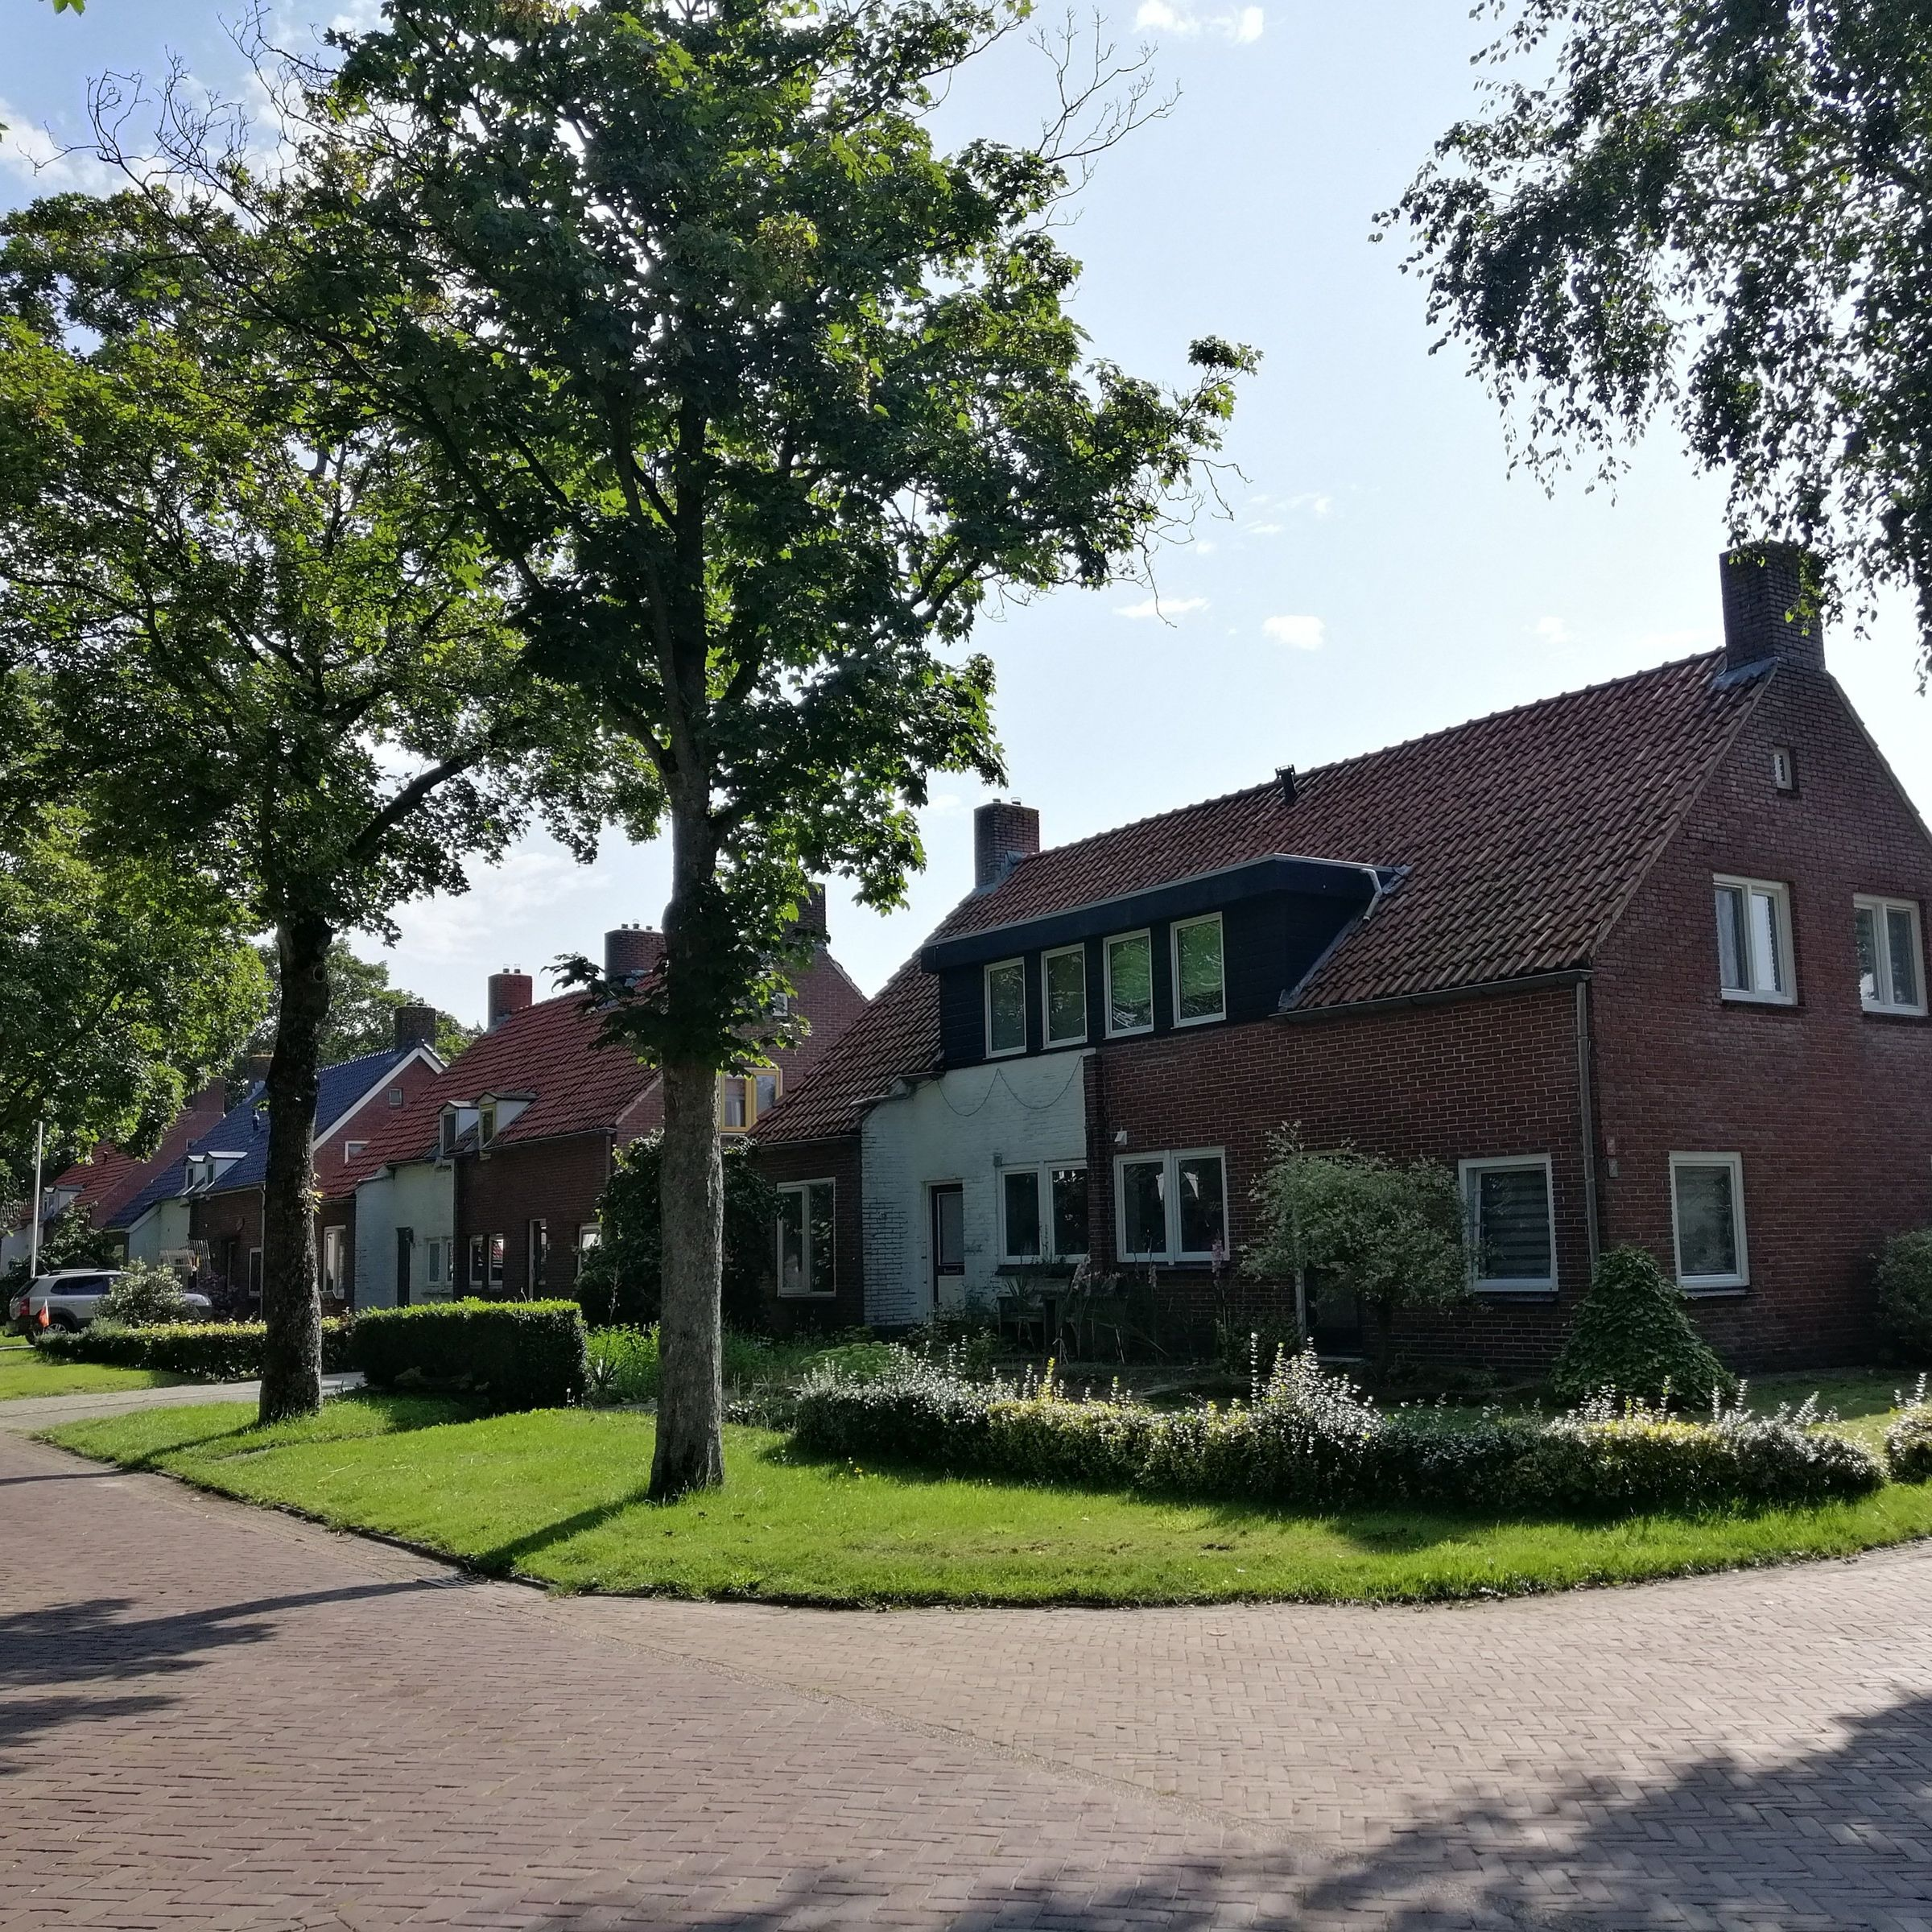 Bakovensweg, Bourtange